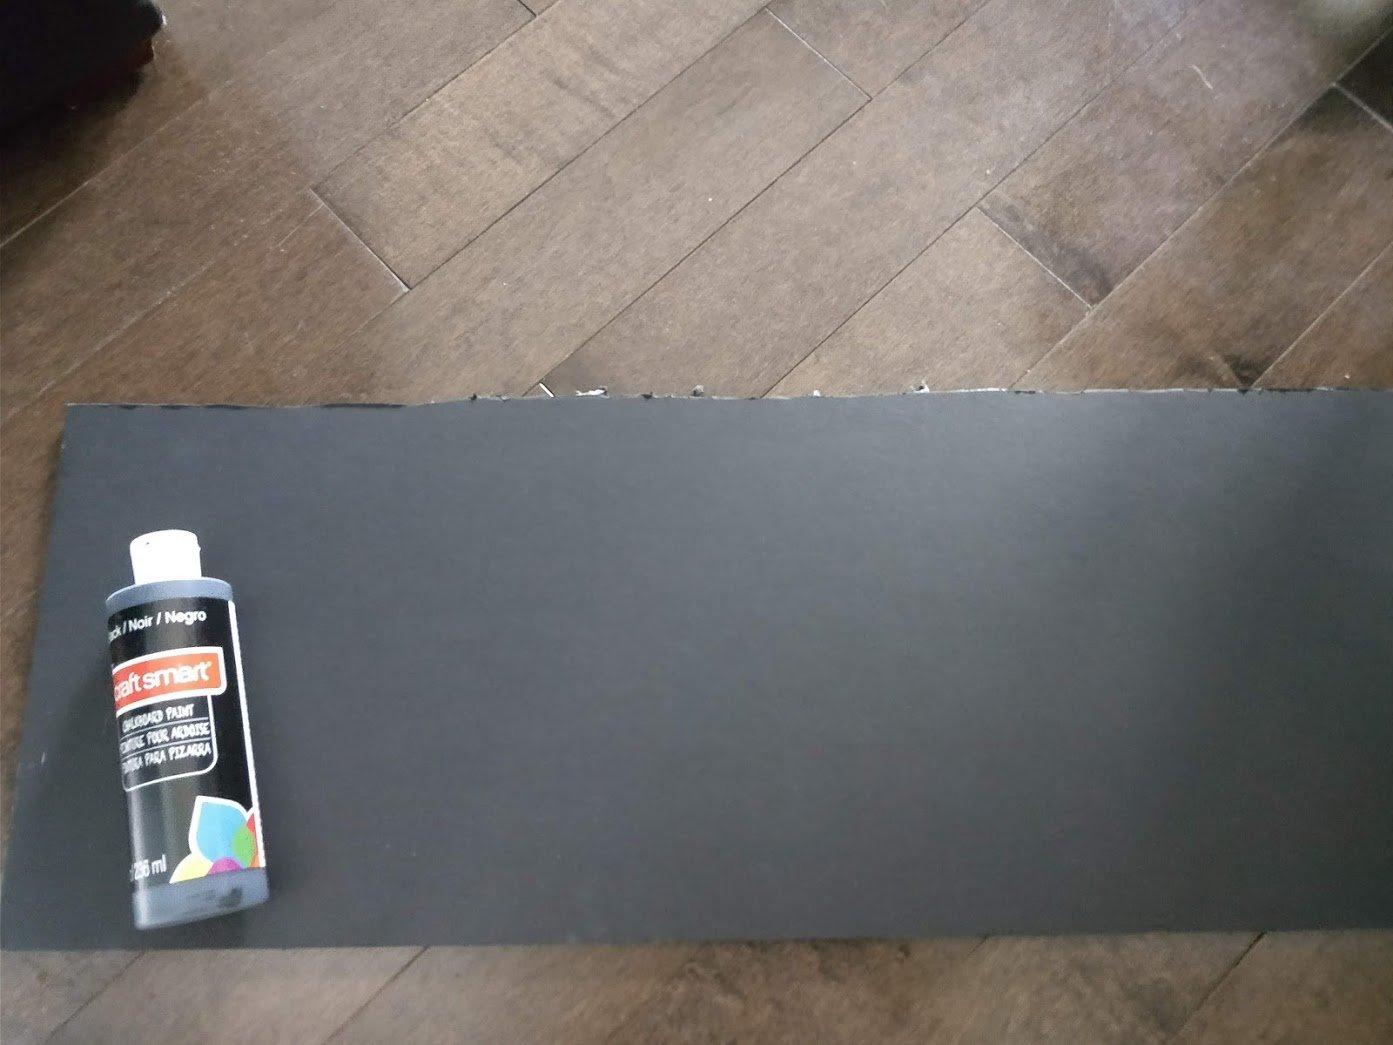 lemonade stand chalkboard paint and foam board